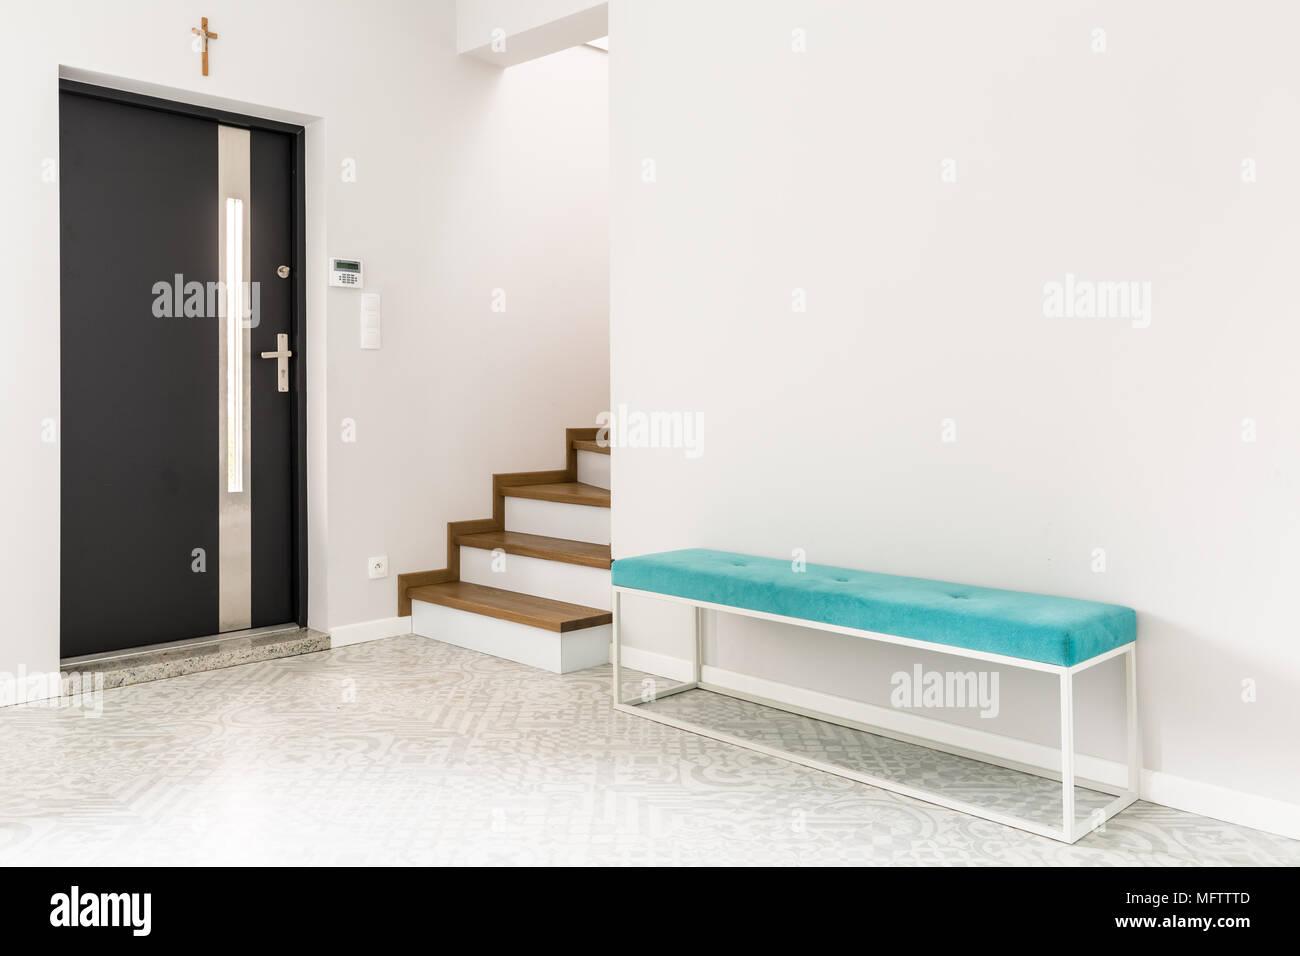 Puerta frontal negro, escaleras y una banqueta tapizados de color turquesa en un hall de entrada interior blanco Foto de stock